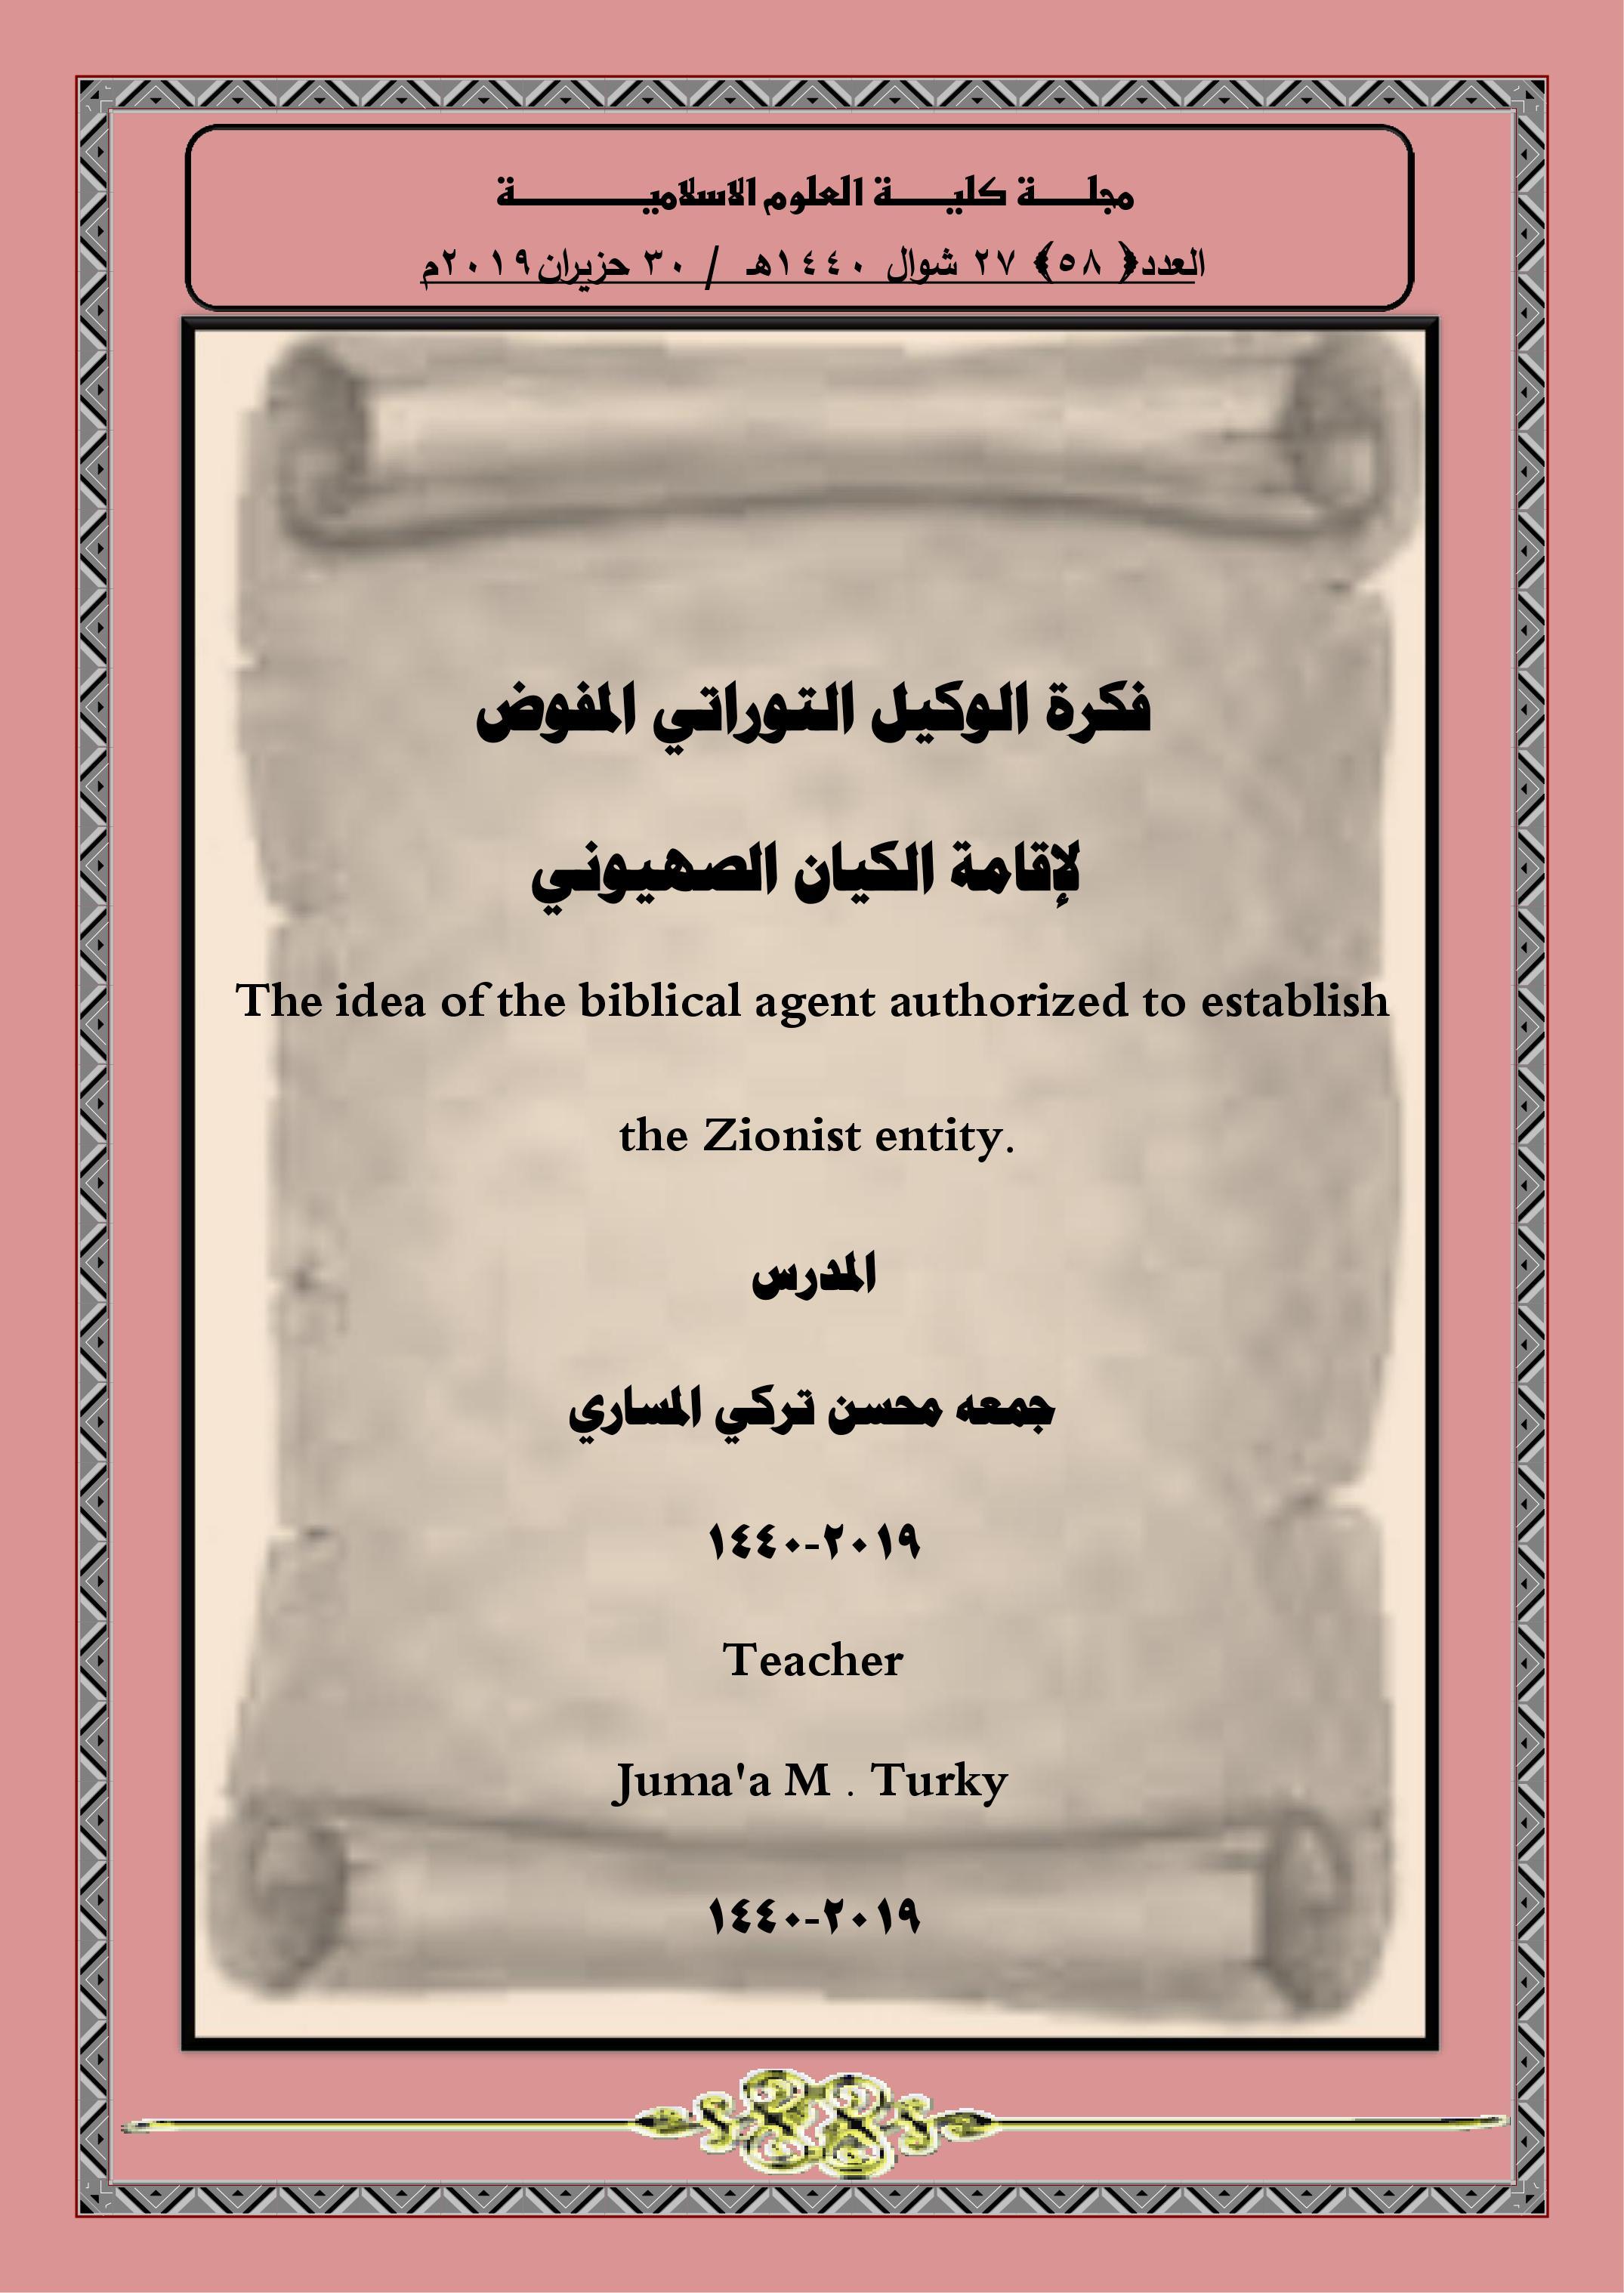 فكرة الوكيل التوراتي المفوض  لإقامة الكيان الصهيوني